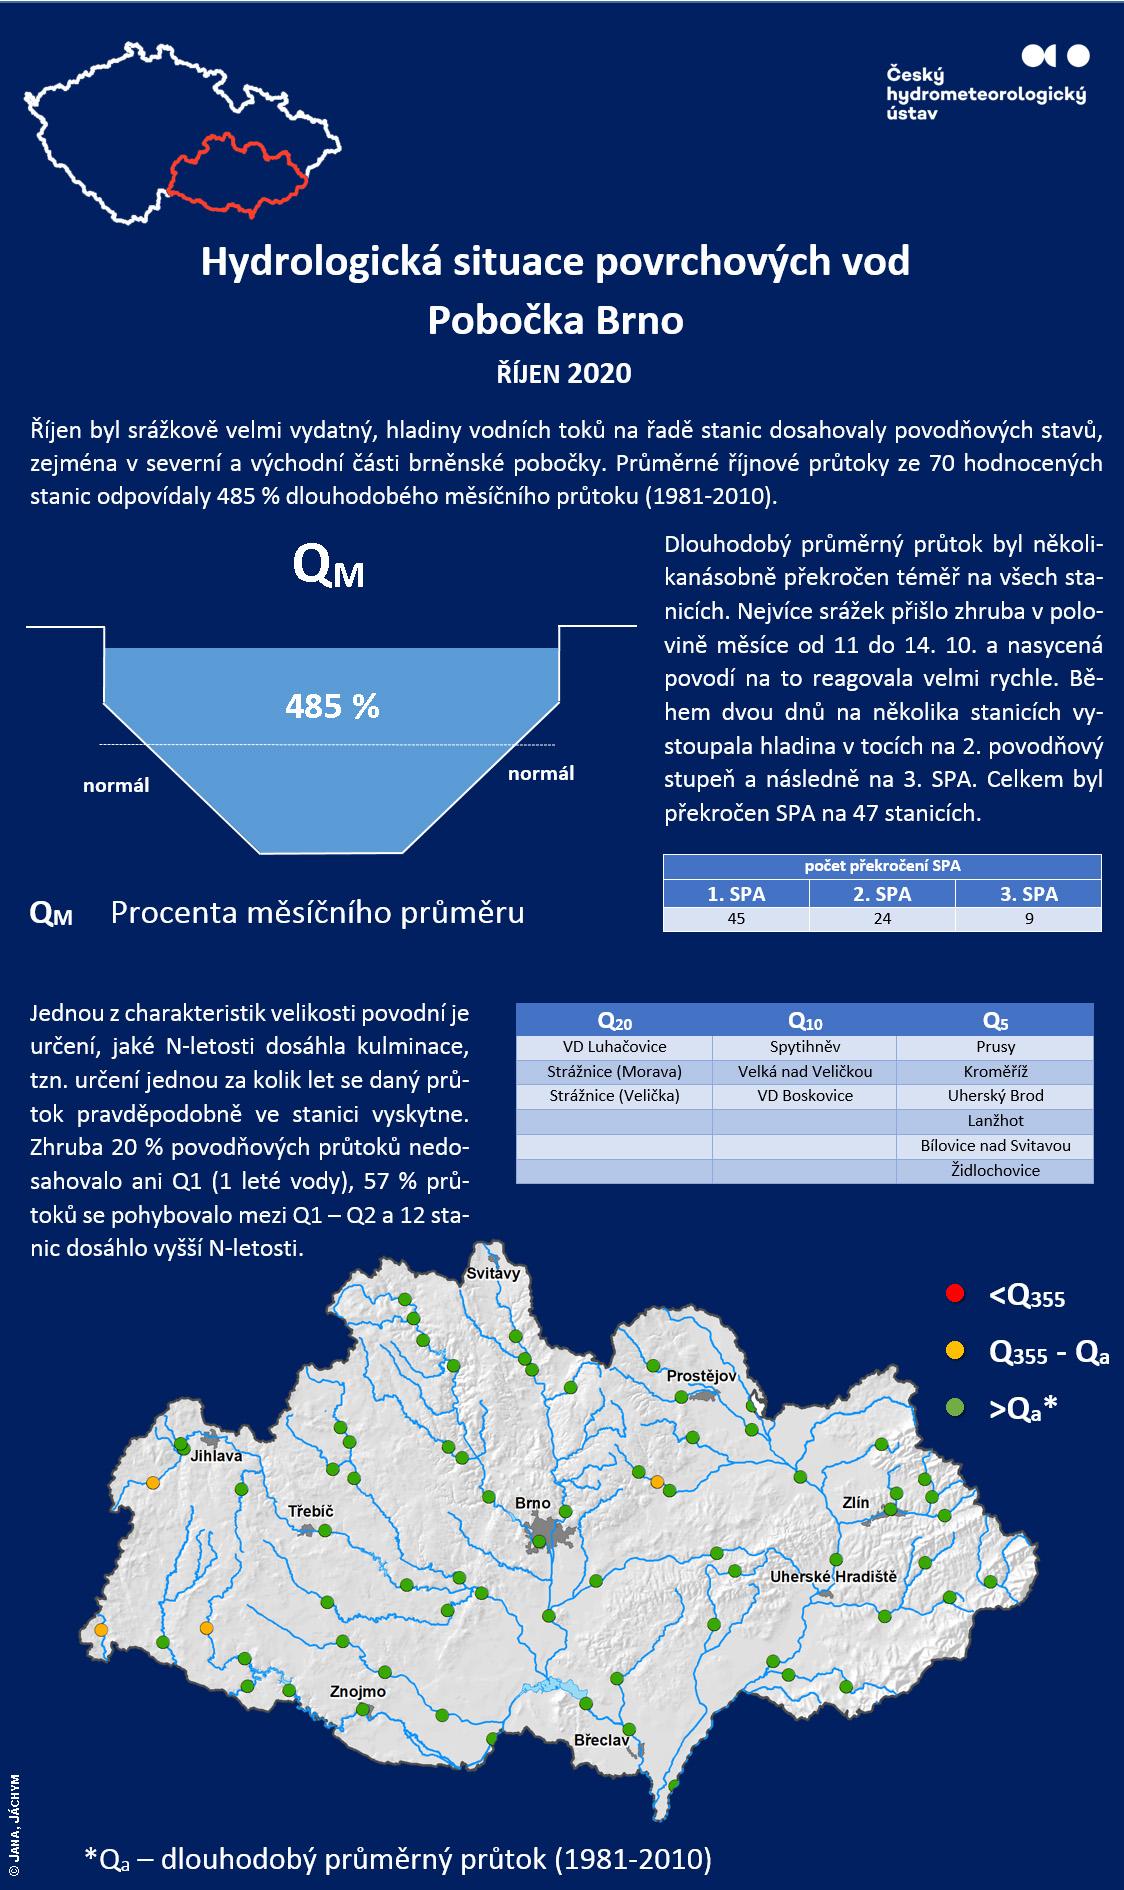 Hydrologická situace povrchových vod Pobočka Brno – říjen 20202 min čtení